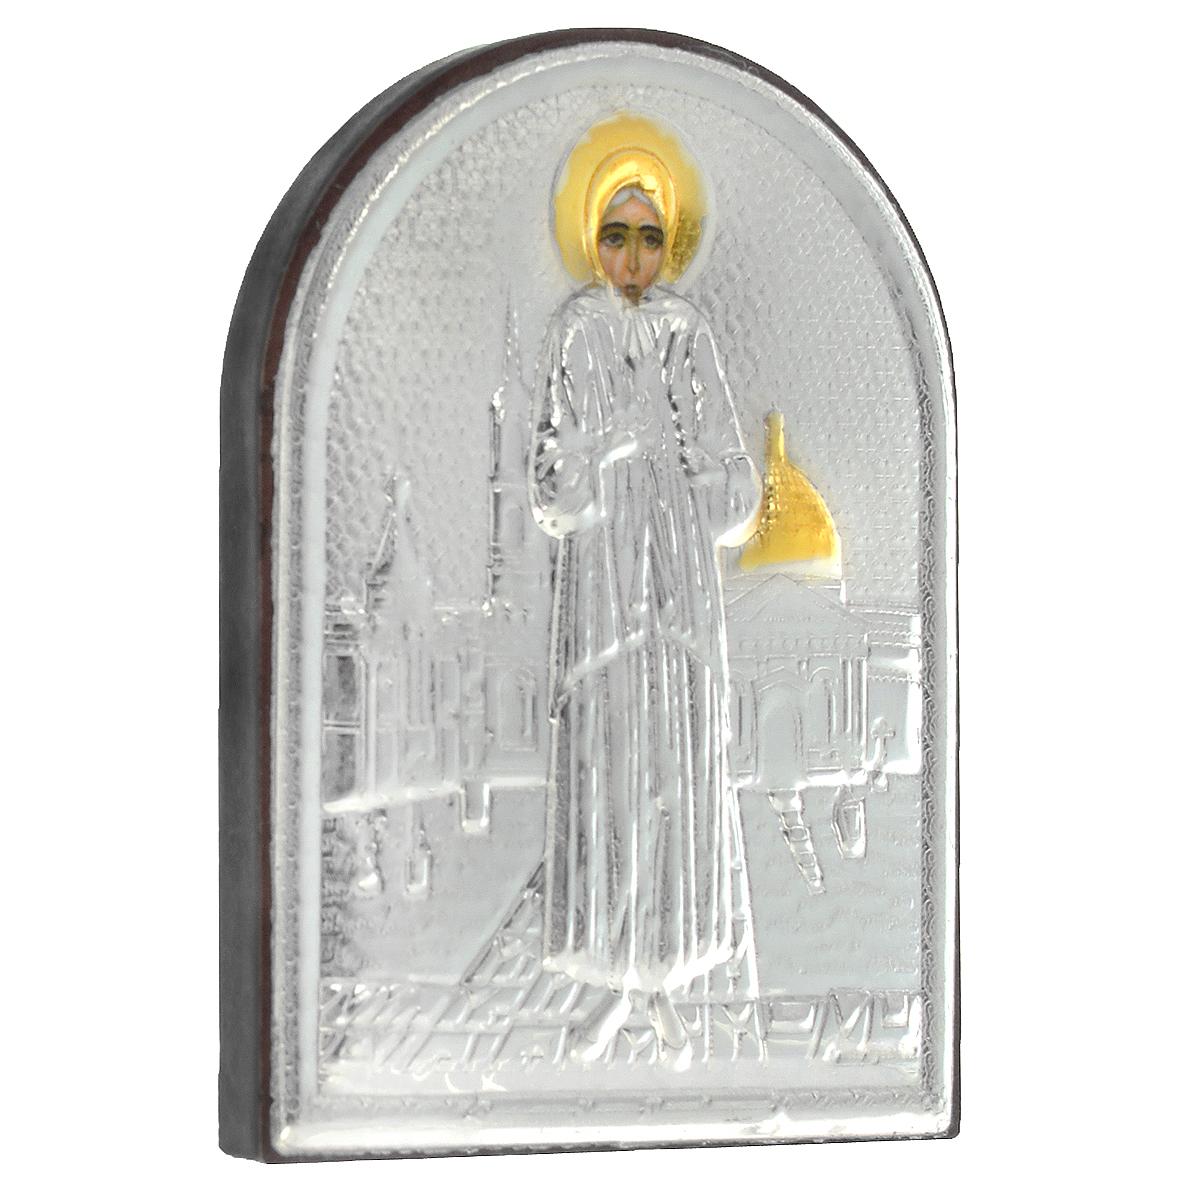 Икона Блаженной Ксении Петербургской, 5,5 см х 4 см